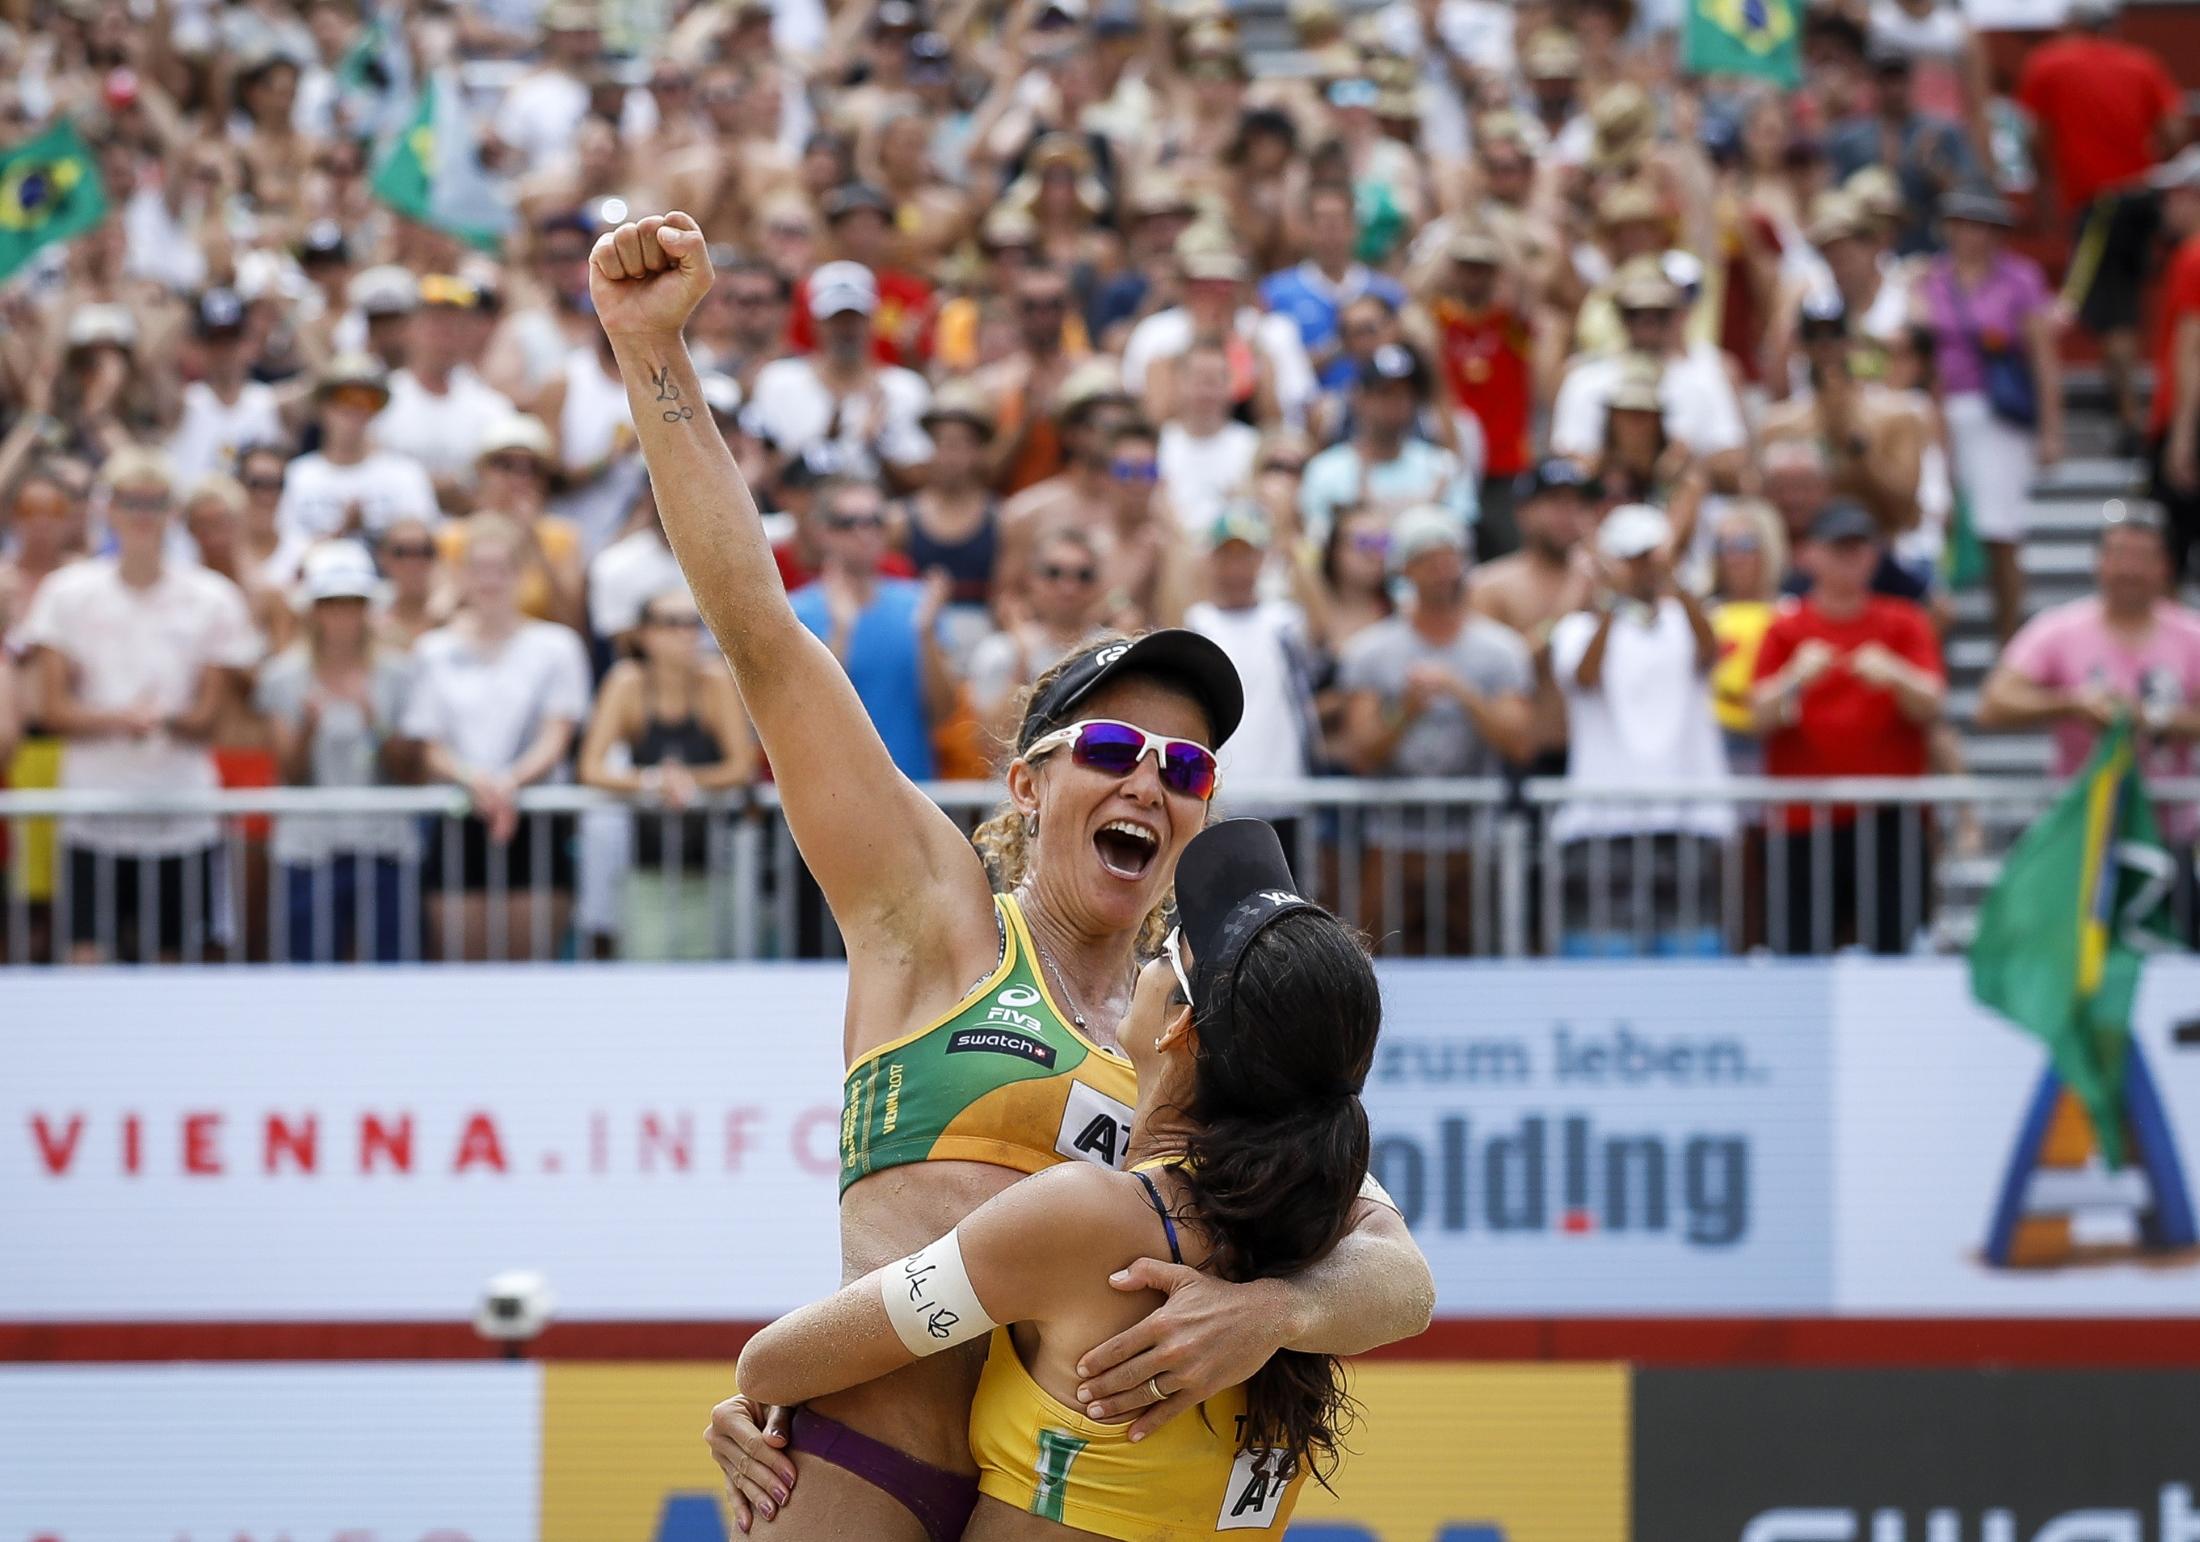 Larissa e Talita superam canadenses e conquistam medalha de bronze em Viena